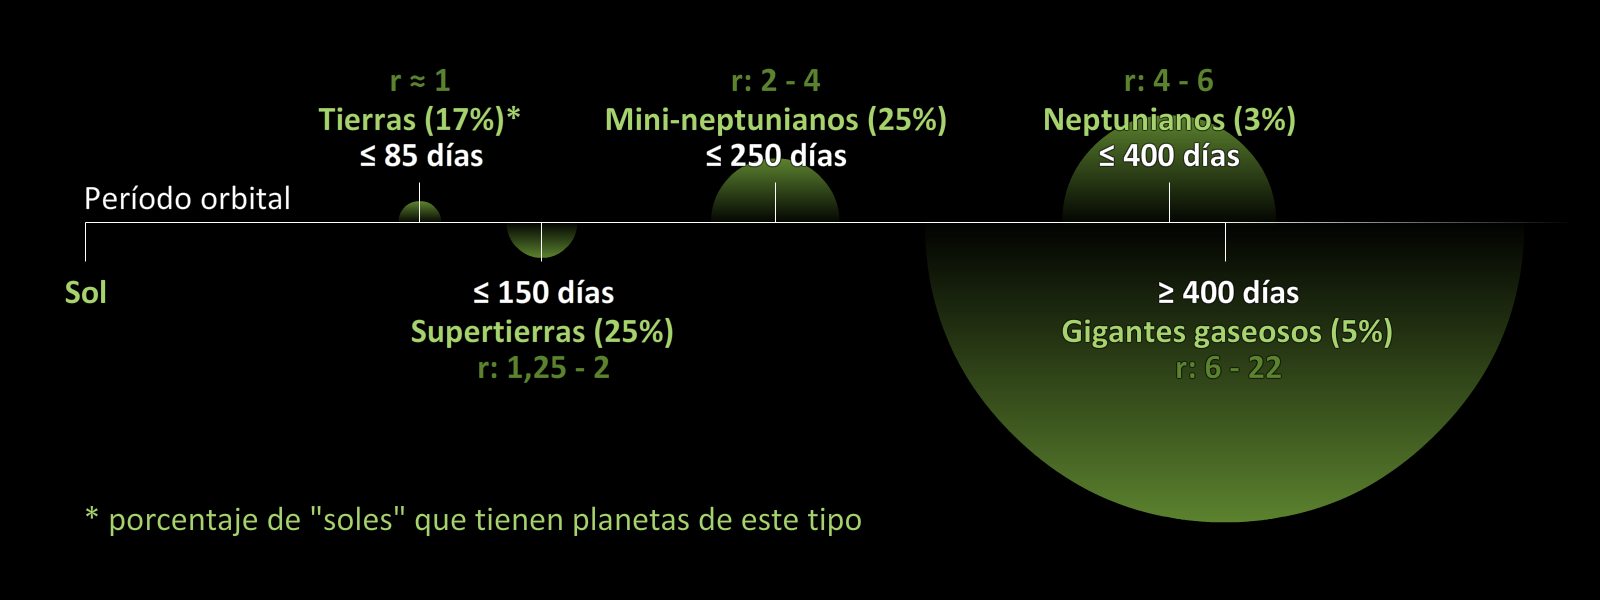 Períodos orbitales